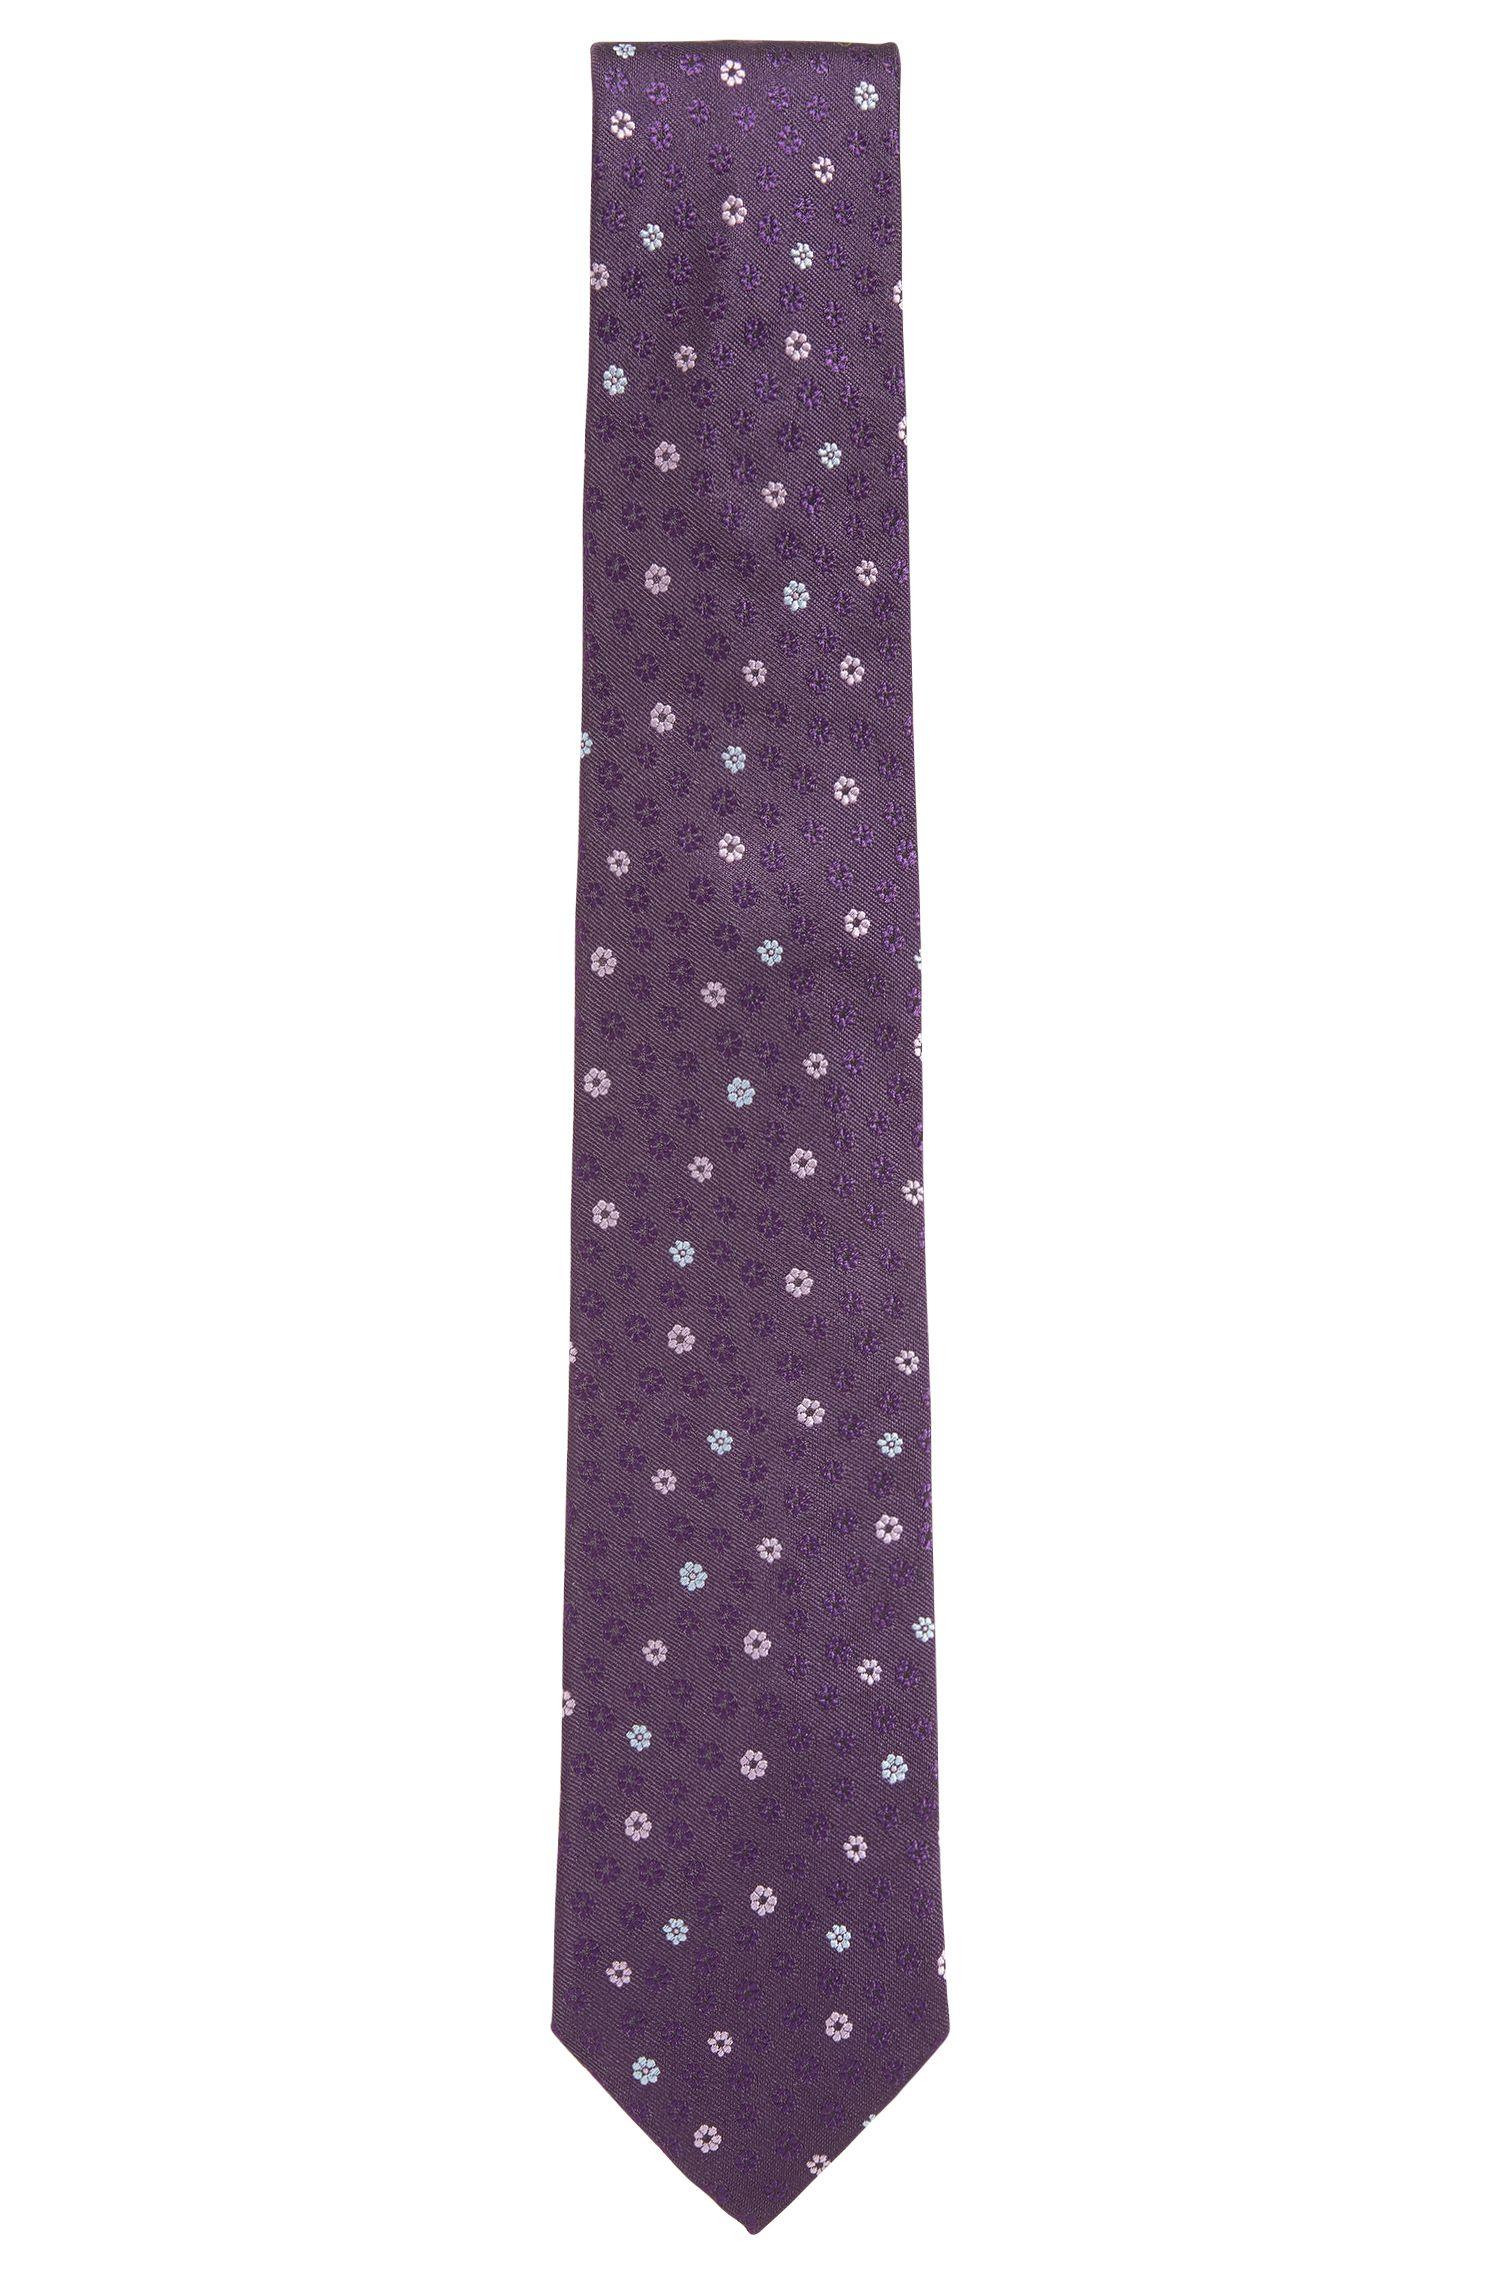 Flower-patterned silk tie